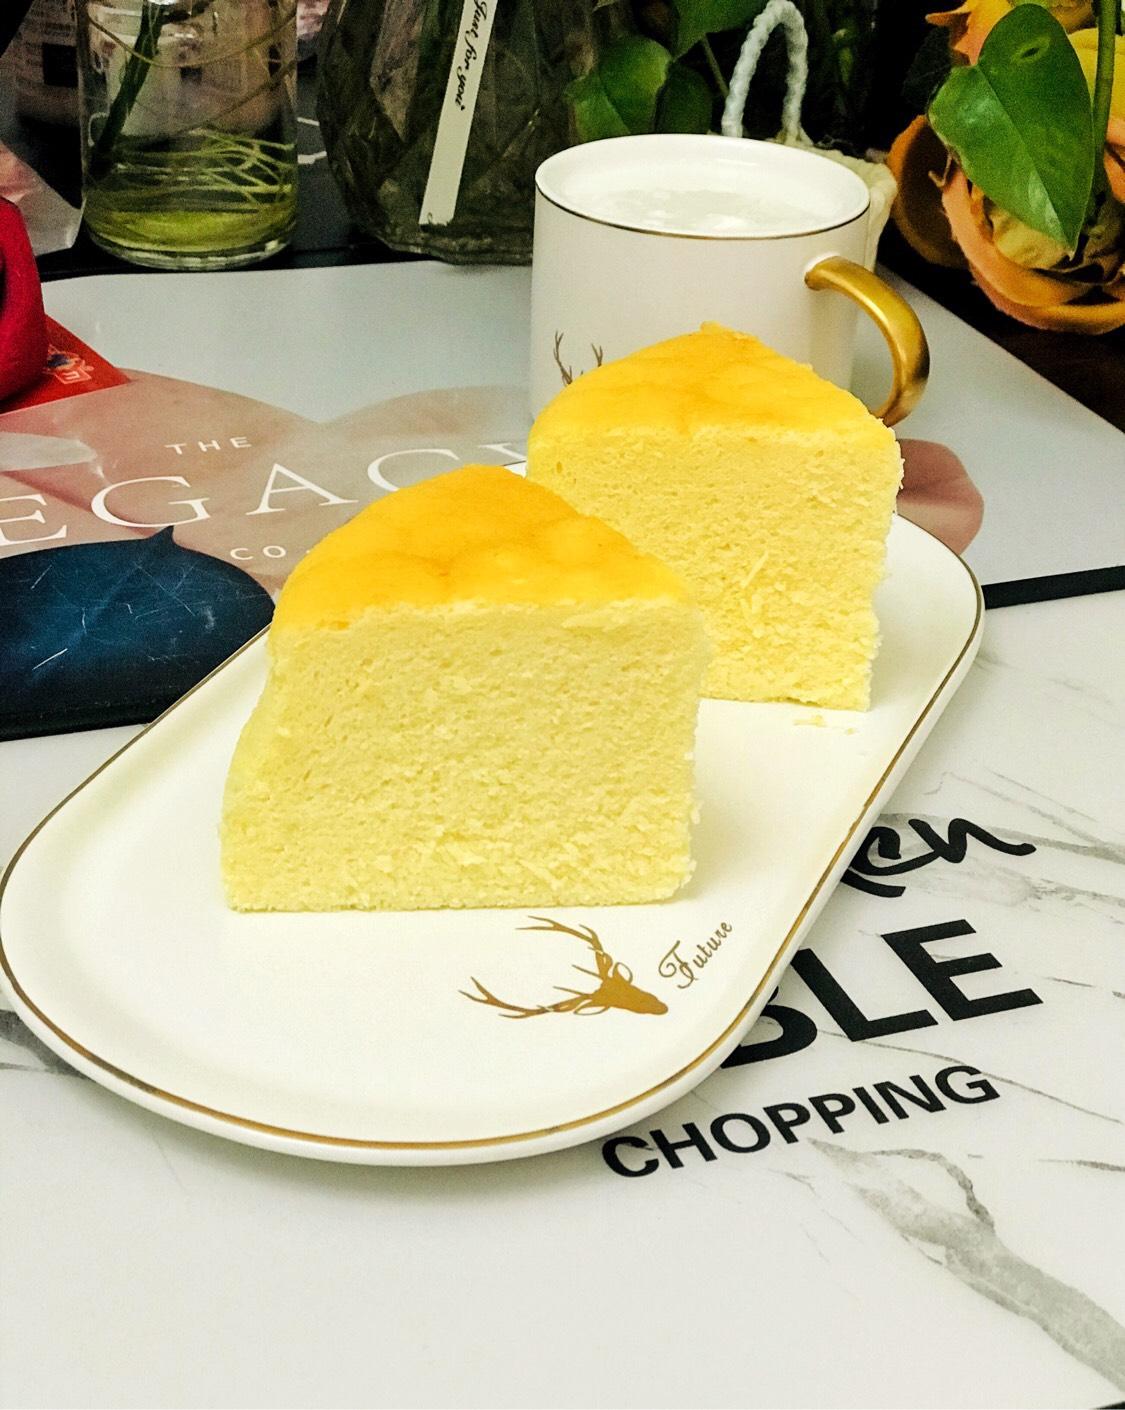 美味的酸奶芝士蛋糕_美味的酸奶芝士蛋糕的做法_美味的酸奶芝士蛋糕的家常做法_美味的酸奶芝士蛋糕怎么做_爱吃菜